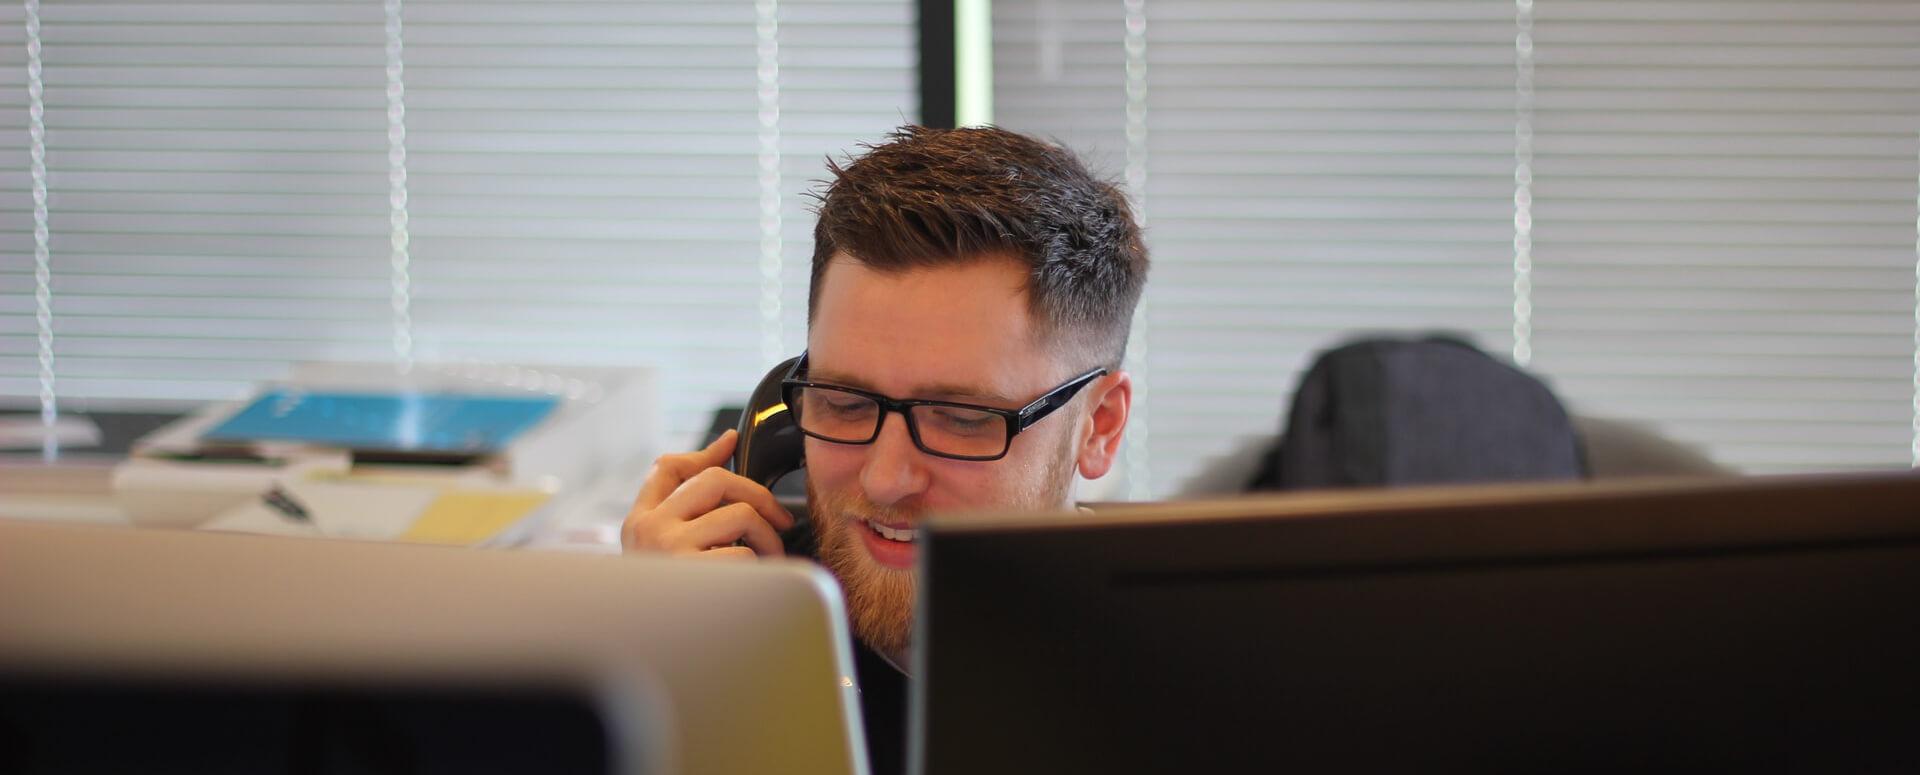 Man answering call